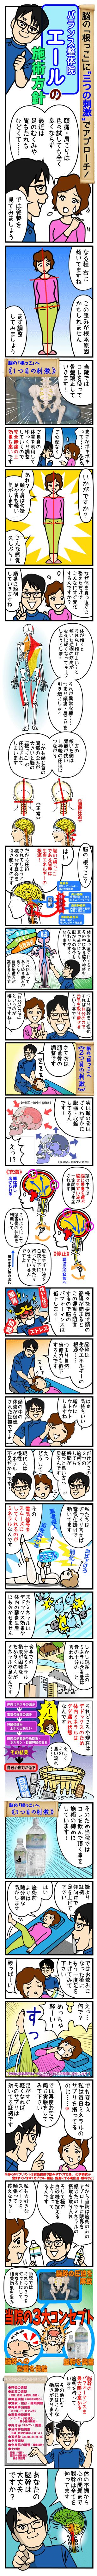 脳幹調整をする大阪堺の整体院エール|コマ漫画